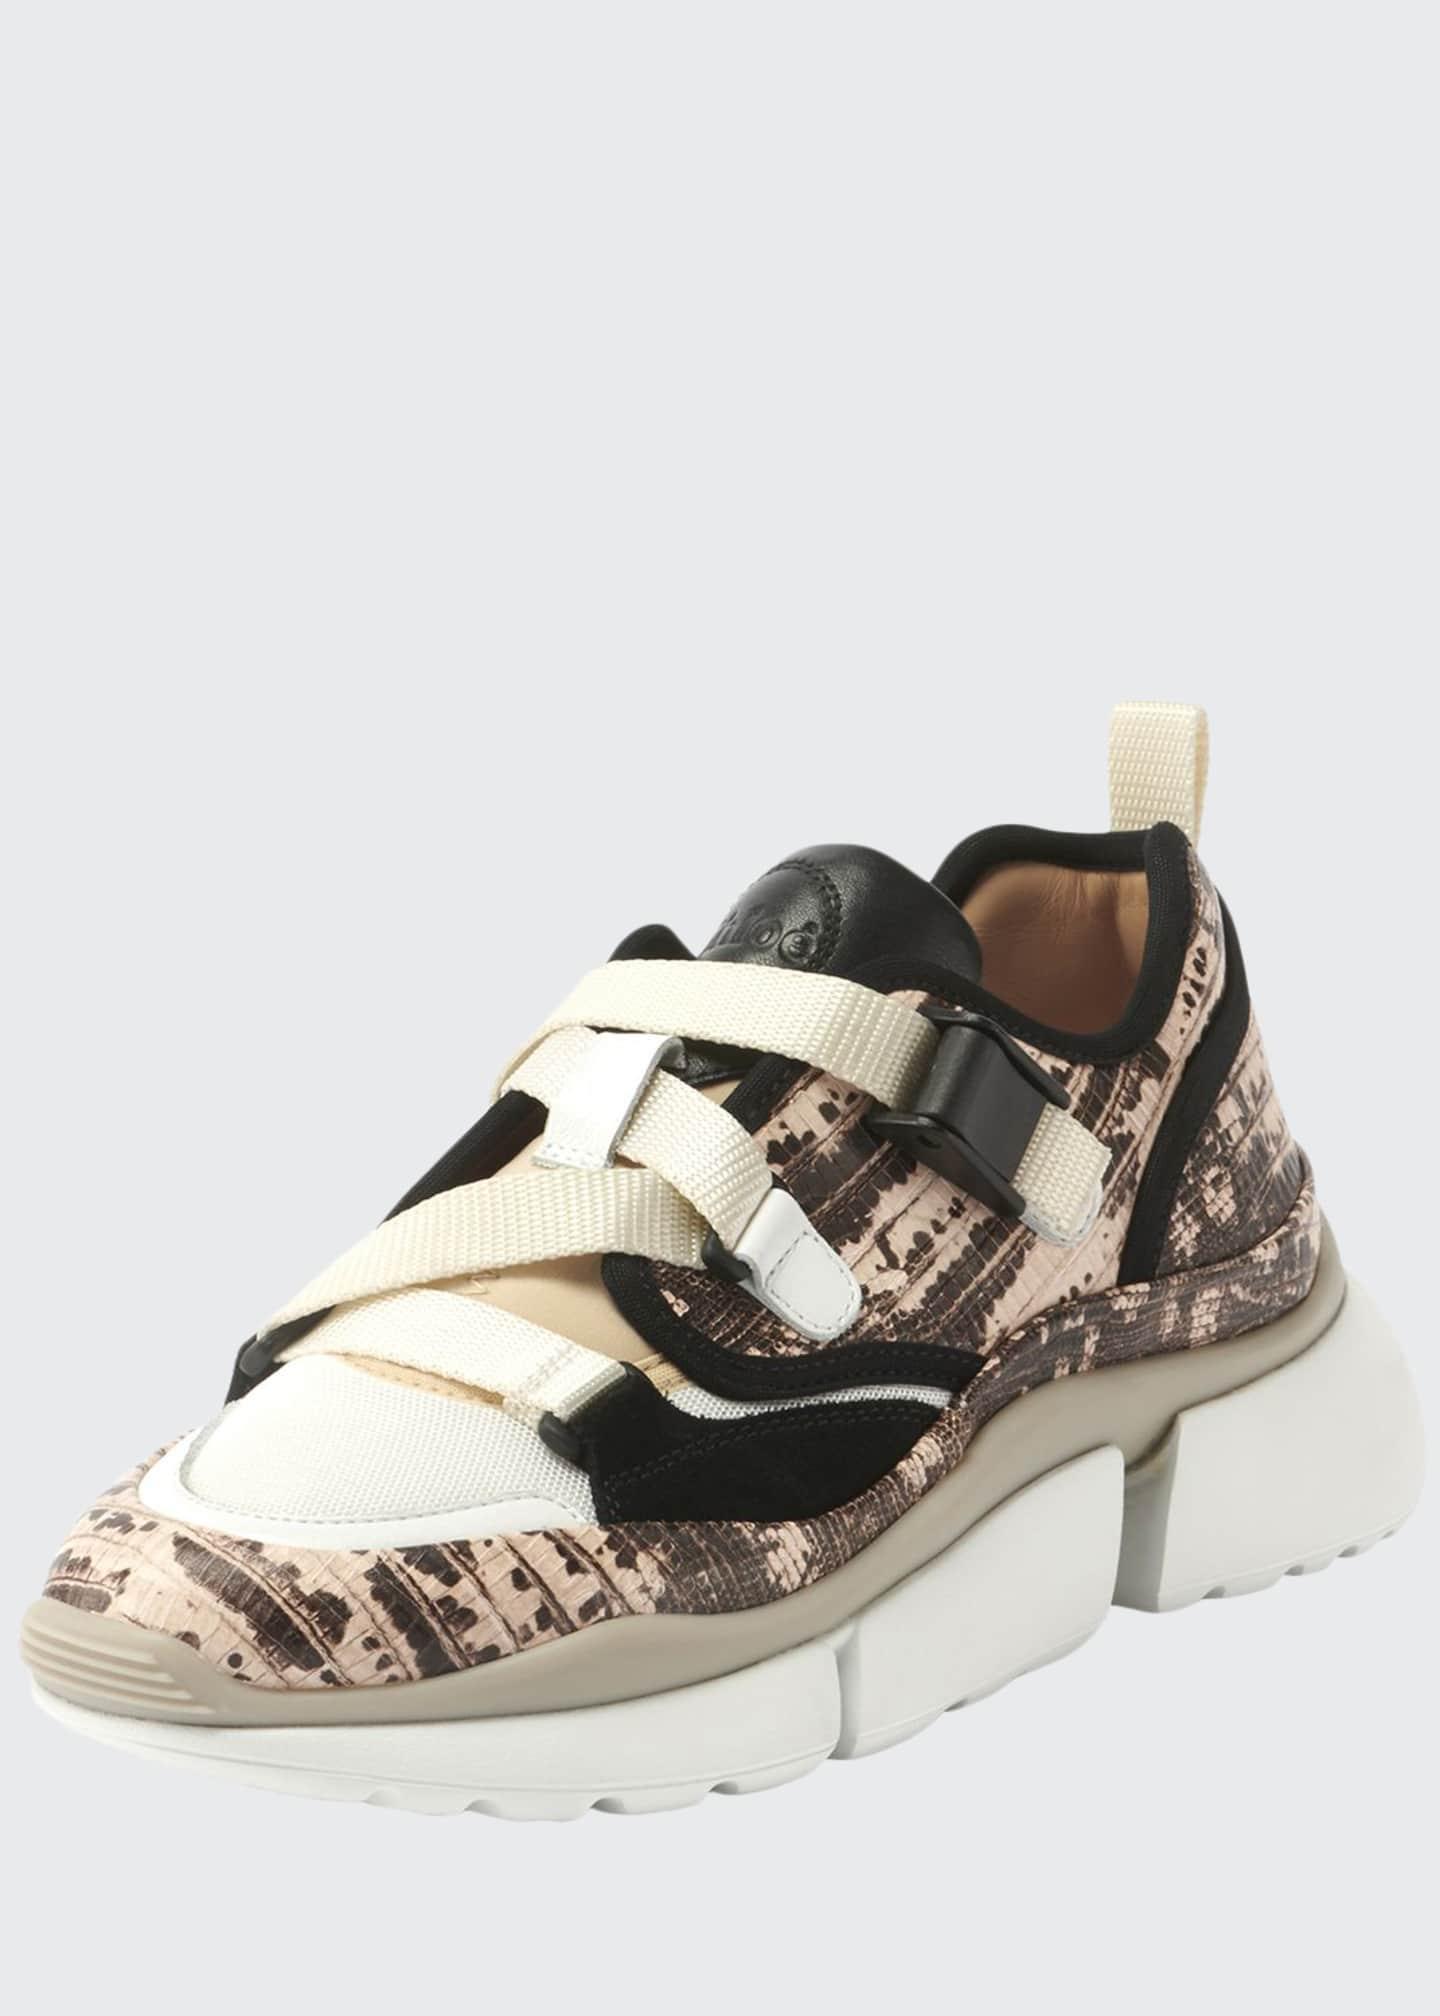 Chloe Sonnie Embossed Leather Buckle Sneakers